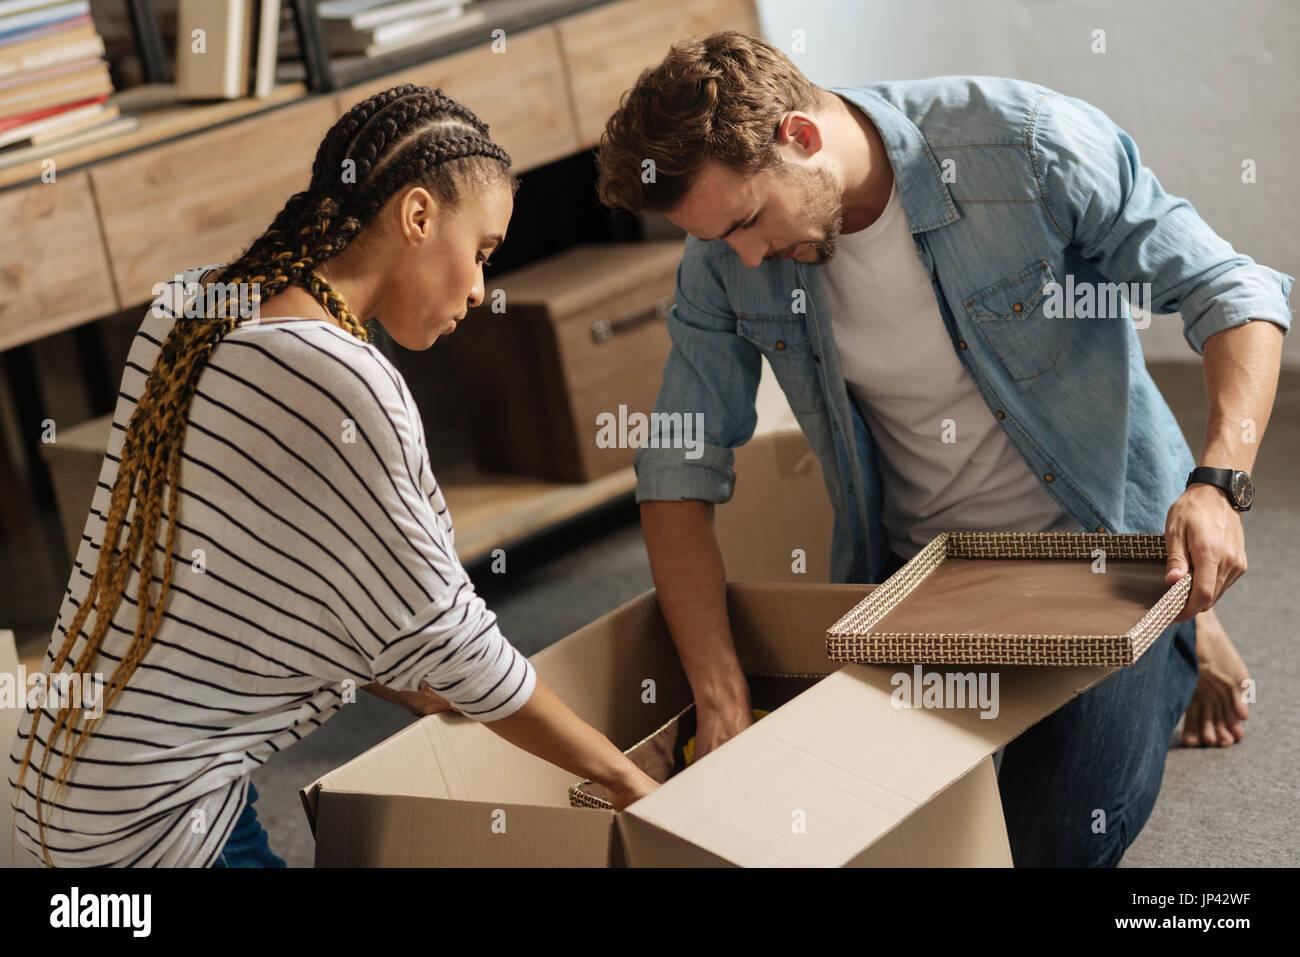 Partner attento si inchinano capi mentre guardando verso il basso Immagini Stock